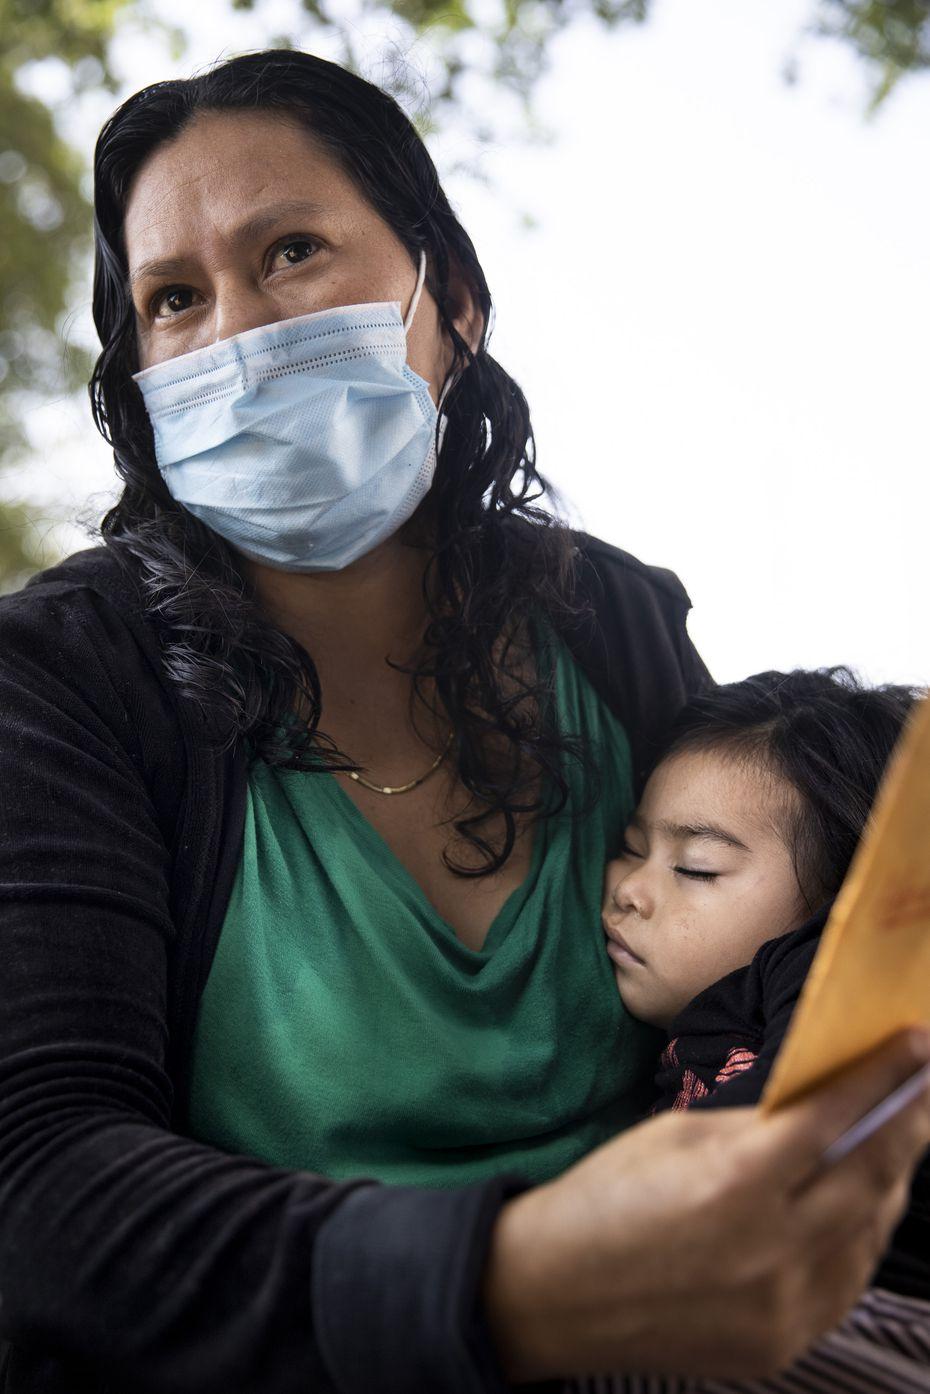 María Noelia Ramos de 25 años y su hija Angie de 20 meses, esperan en un centro para migrantes de Catholic Charities en McAllen, Texas. Debido a que su hija es menor de 6 años, se les permitió entrar a Estados Unidos donde espera reunirse con su esposo que trabaja en Kailua-Kona, Hawaii.